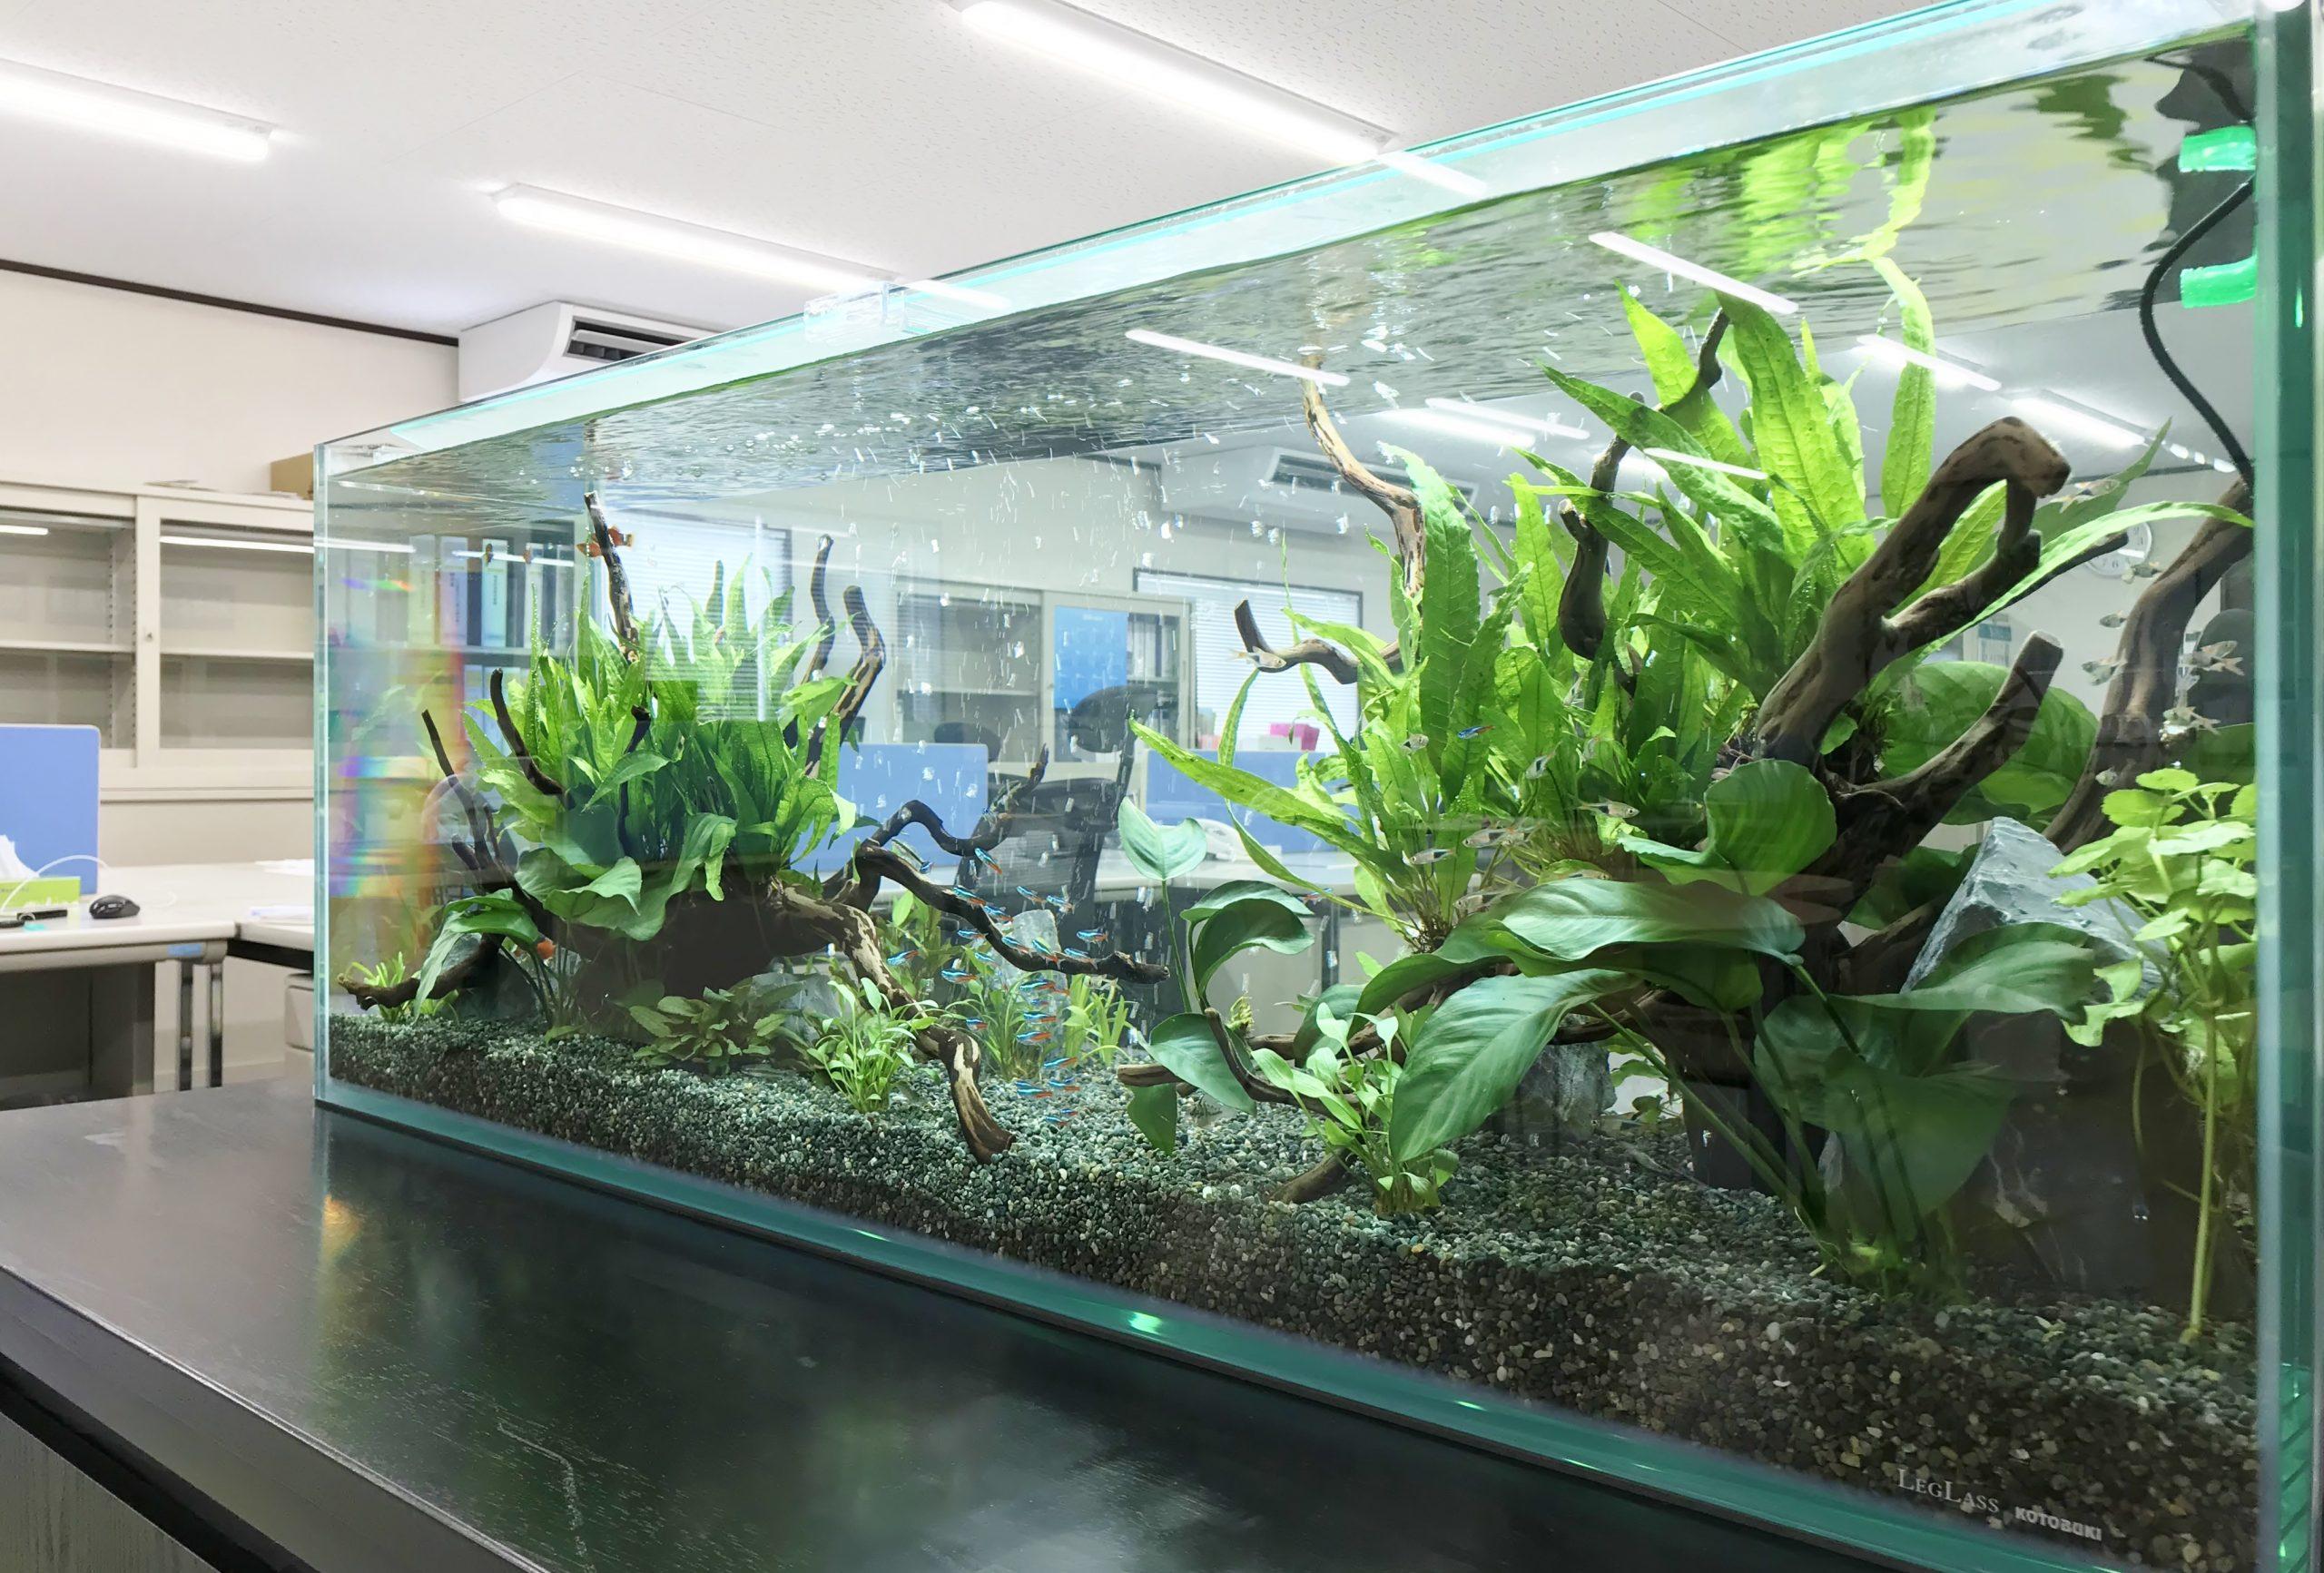 オフィス事務所 120cm淡水魚水槽 水槽アップ画像